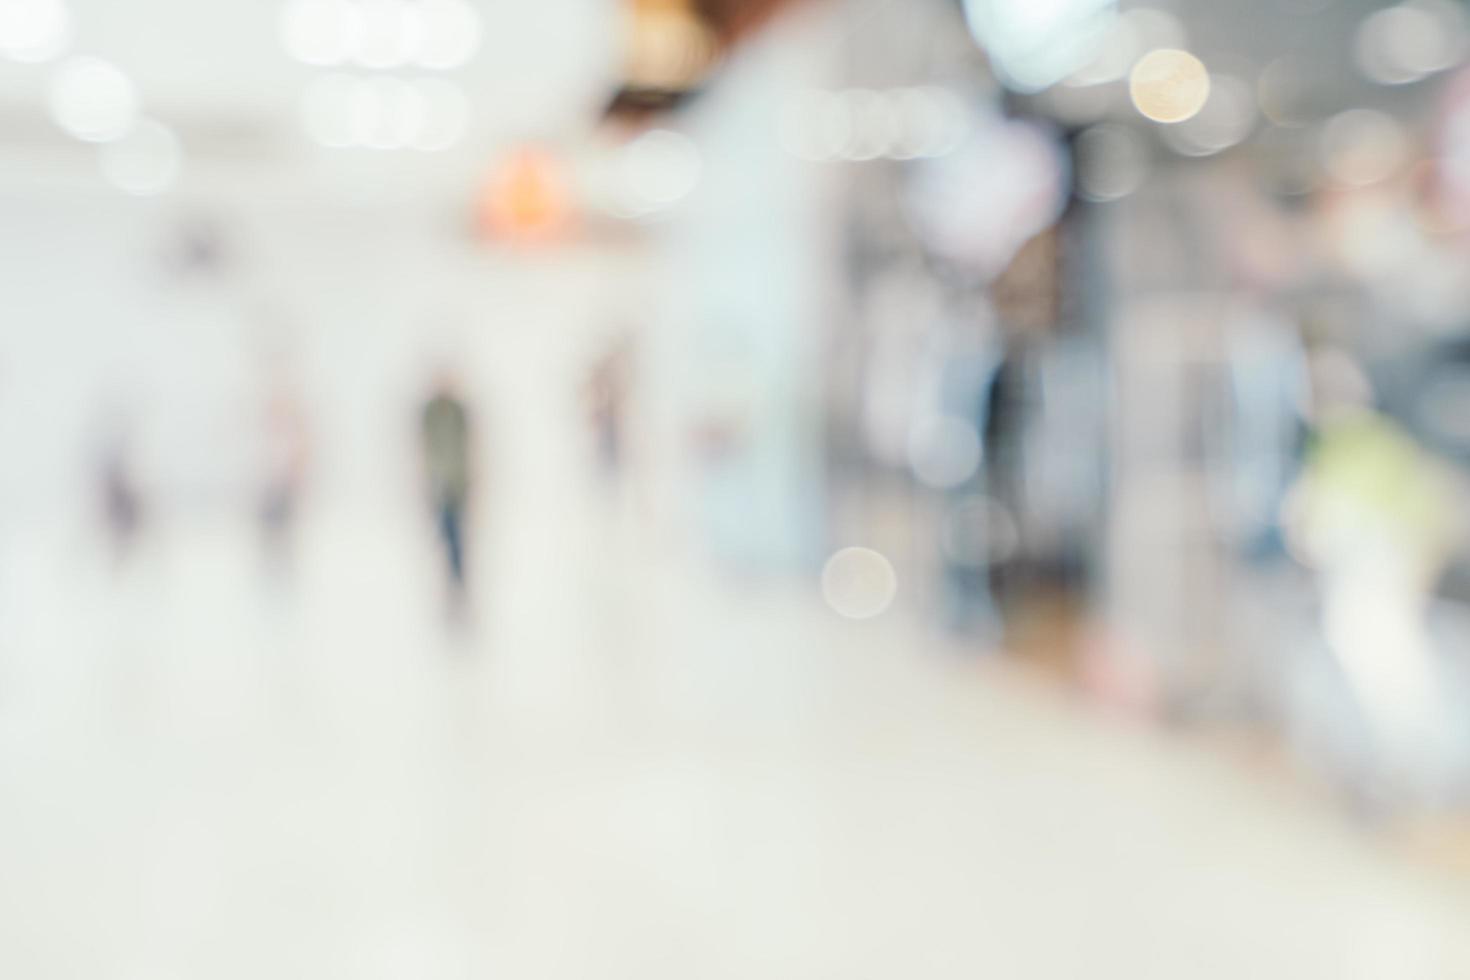 abstrakt defocused shopping mall interiör bakgrund foto